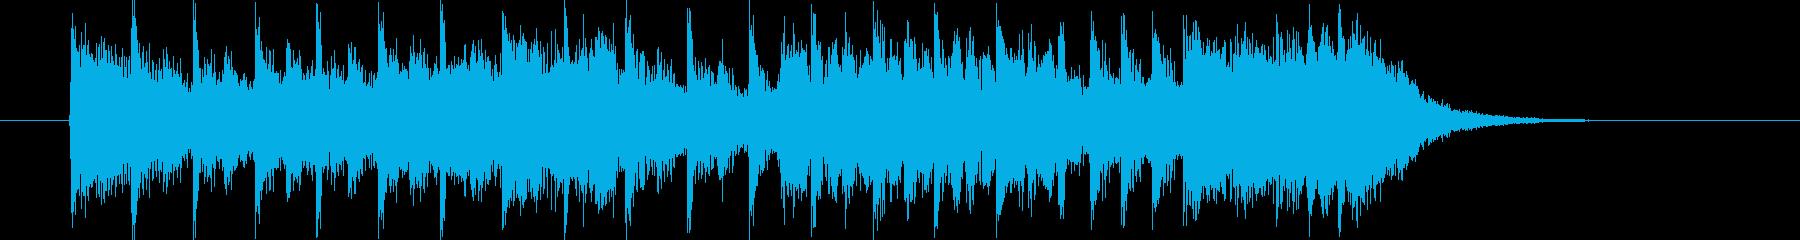 ハイスピードな疾走感溢れるポップスの再生済みの波形